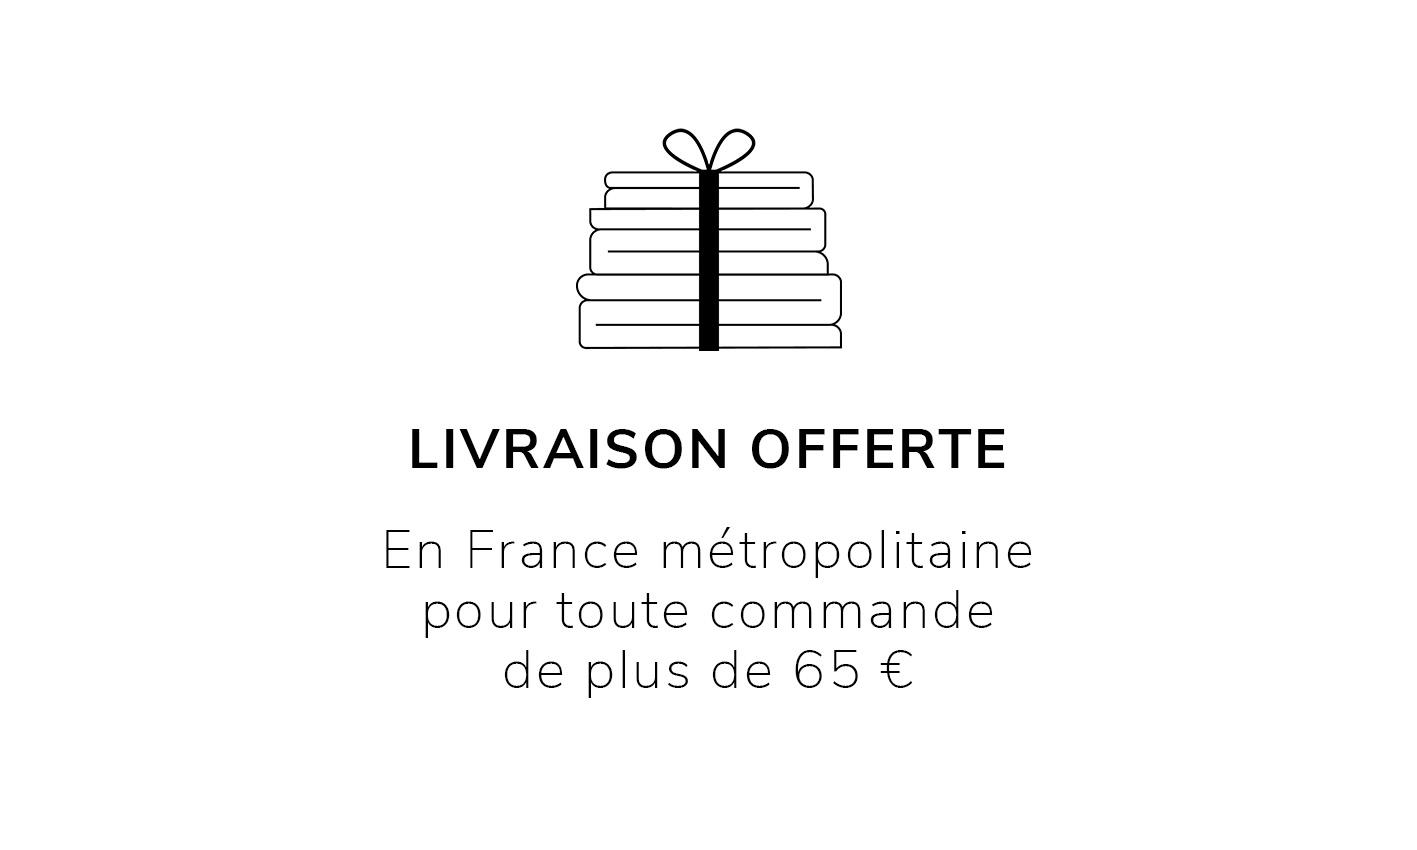 Livraison offerte à partir de 65€